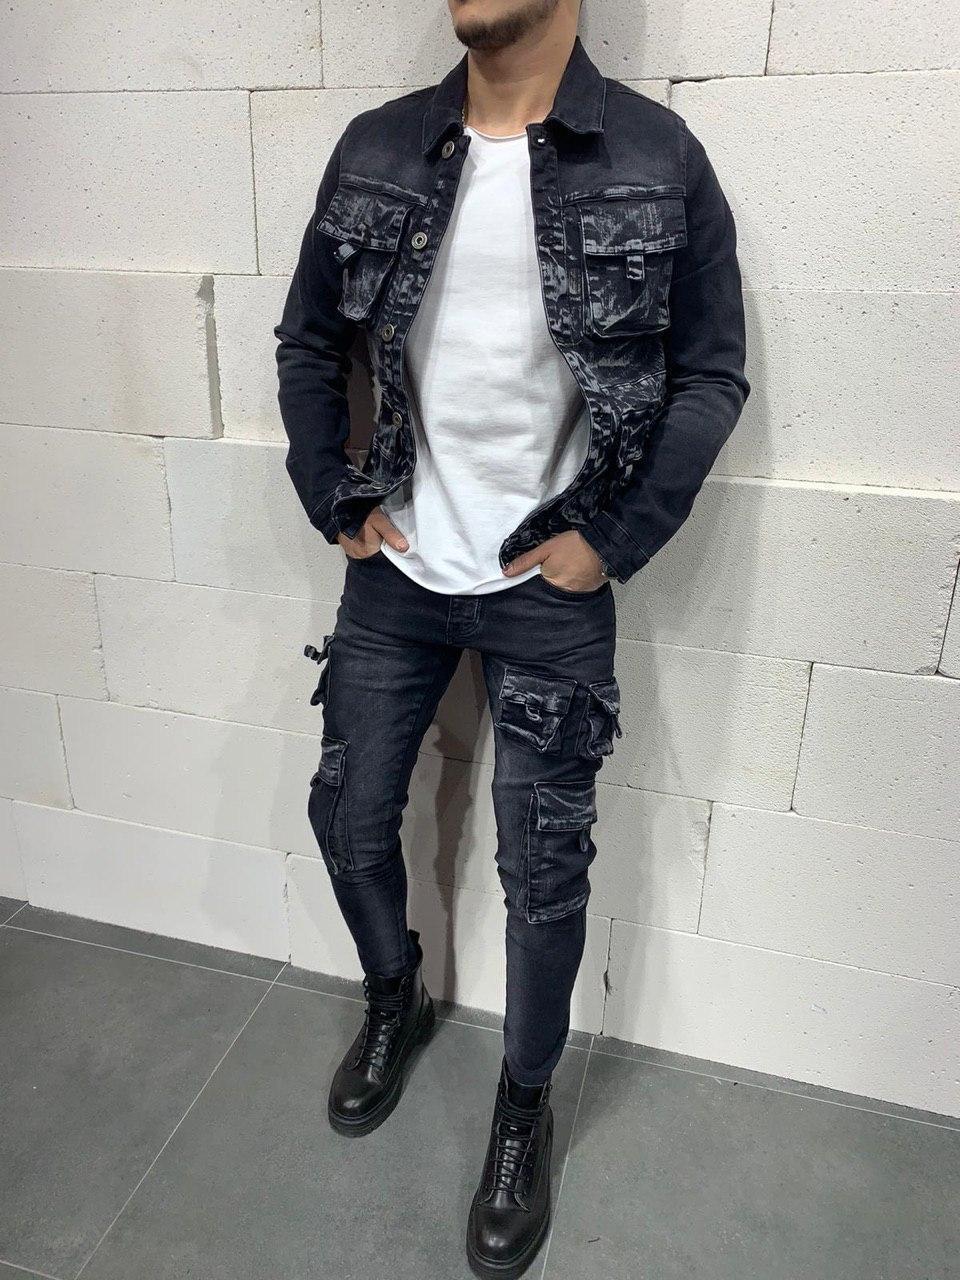 Куртка мужская джинсовая чёрно-серая с карманами стильная Турция